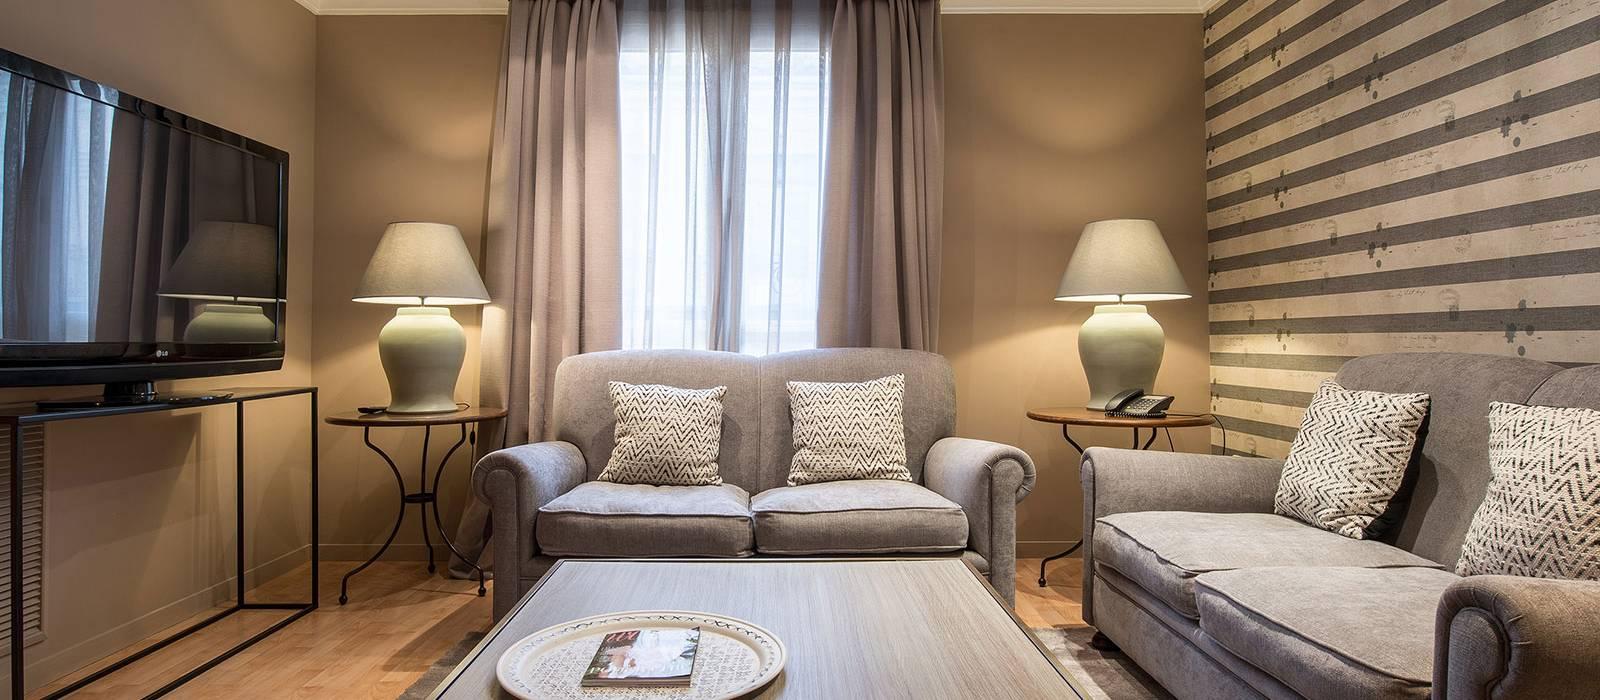 Habitaciones Hotel Valencia Lys - Vincci Hoteles - Habitación Suite